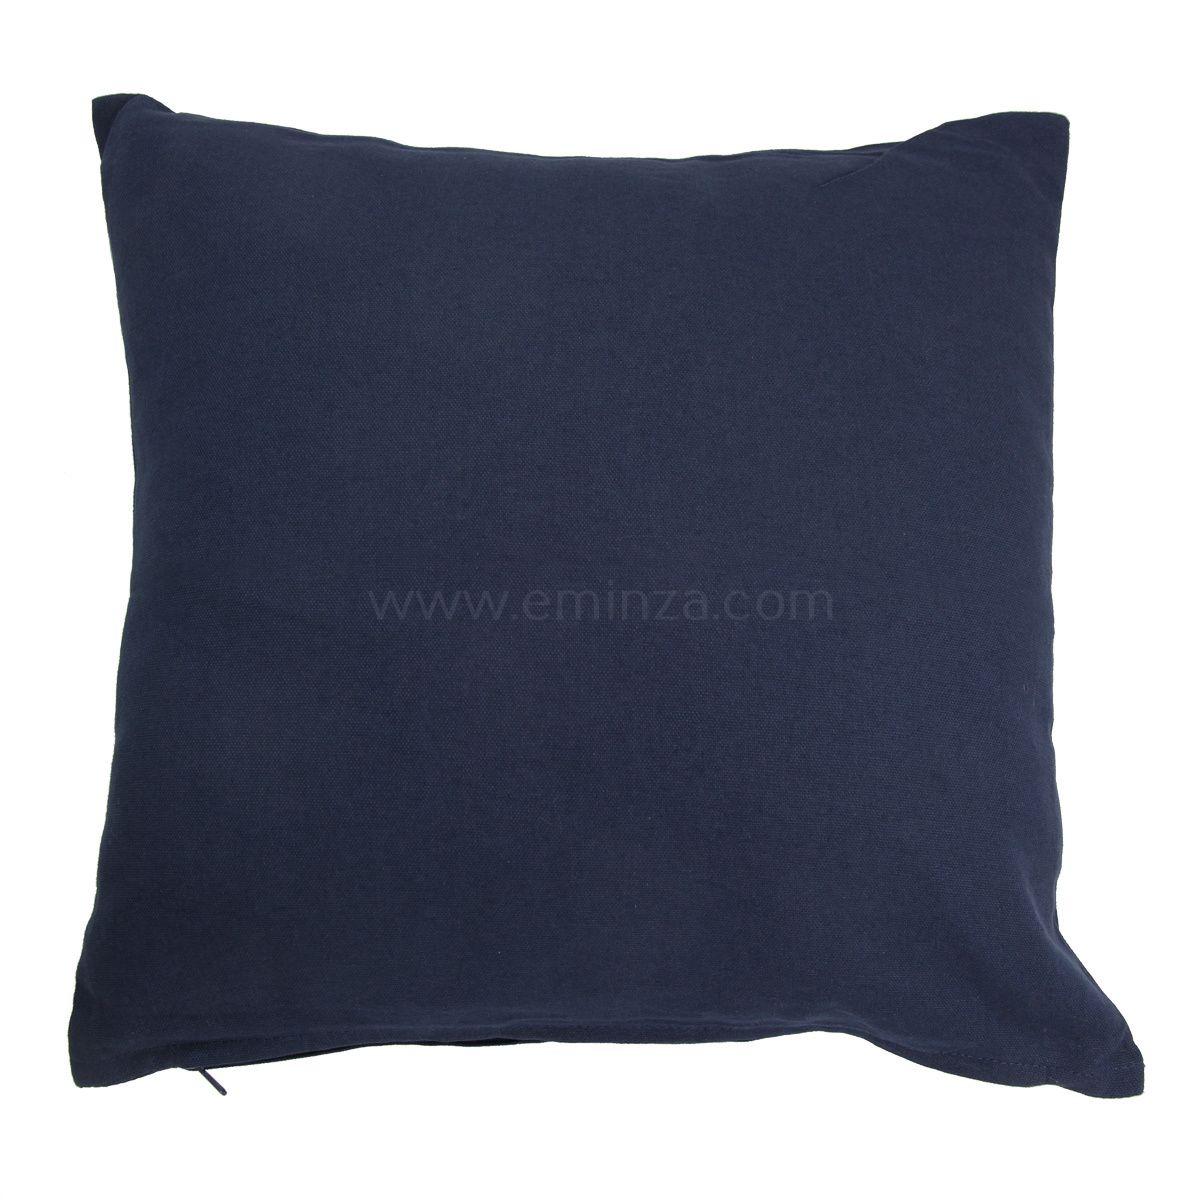 coussin 60 cm etna bleu marine coussin et housse de coussin eminza. Black Bedroom Furniture Sets. Home Design Ideas